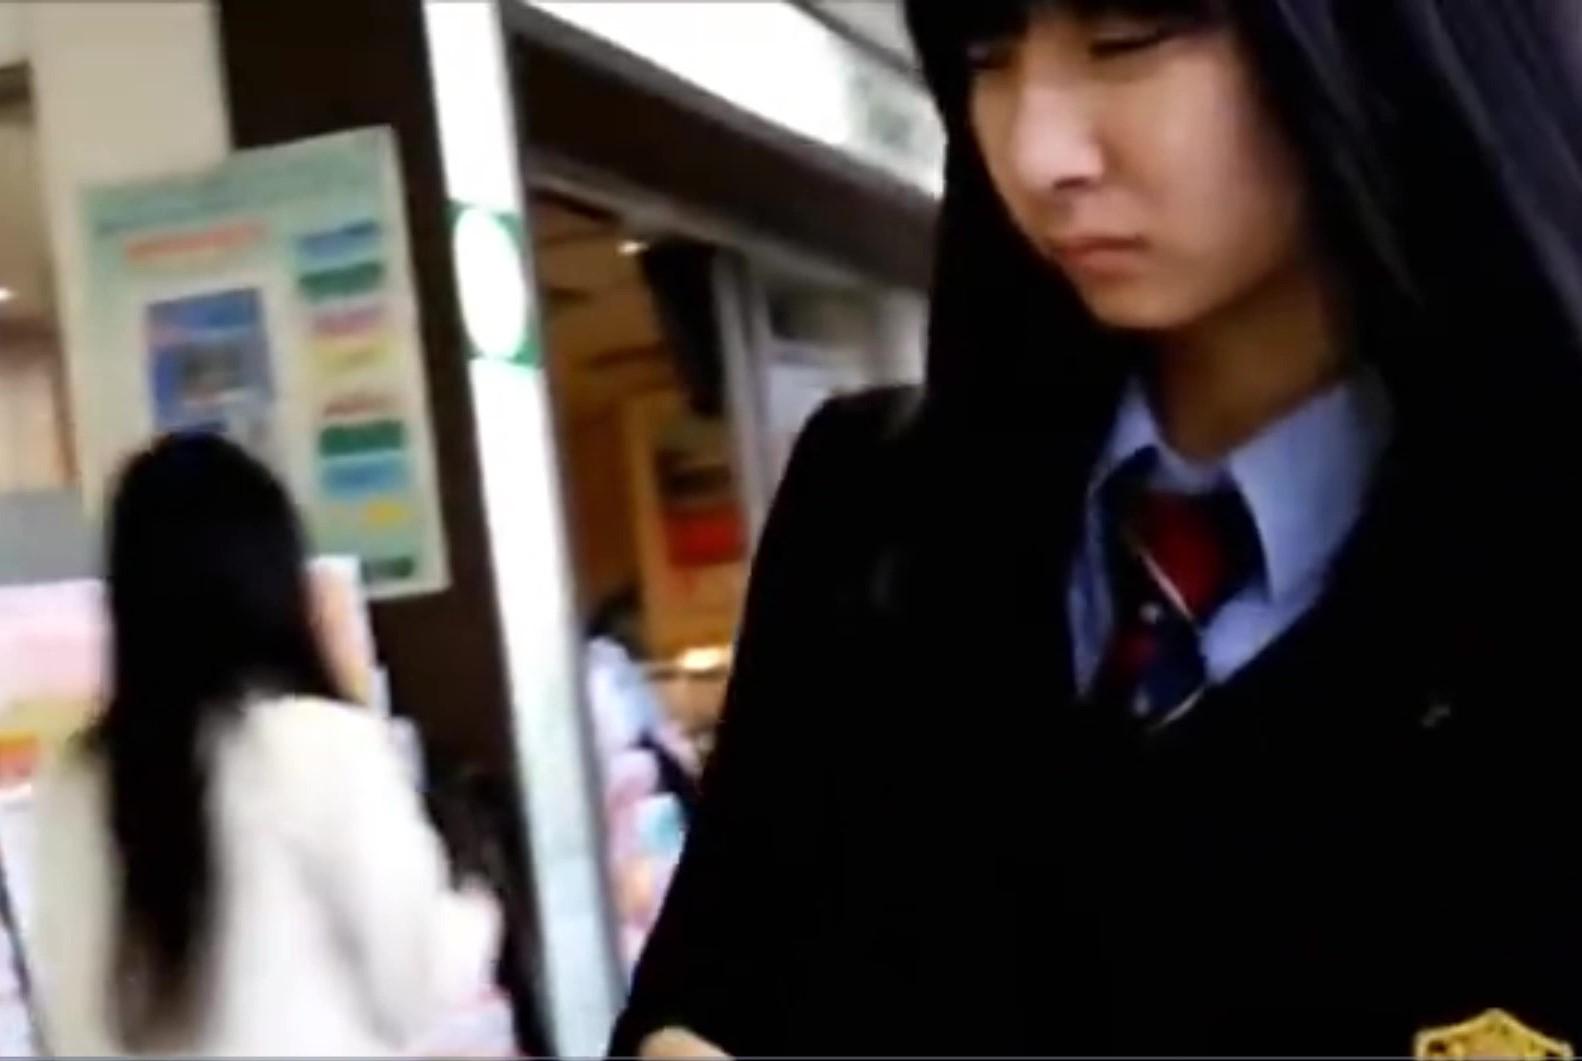 【無許可盗撮】電車内まで尾行され、周りにみえそうなほどにスカートをめくられた美少女JK2名のリアルパンティ